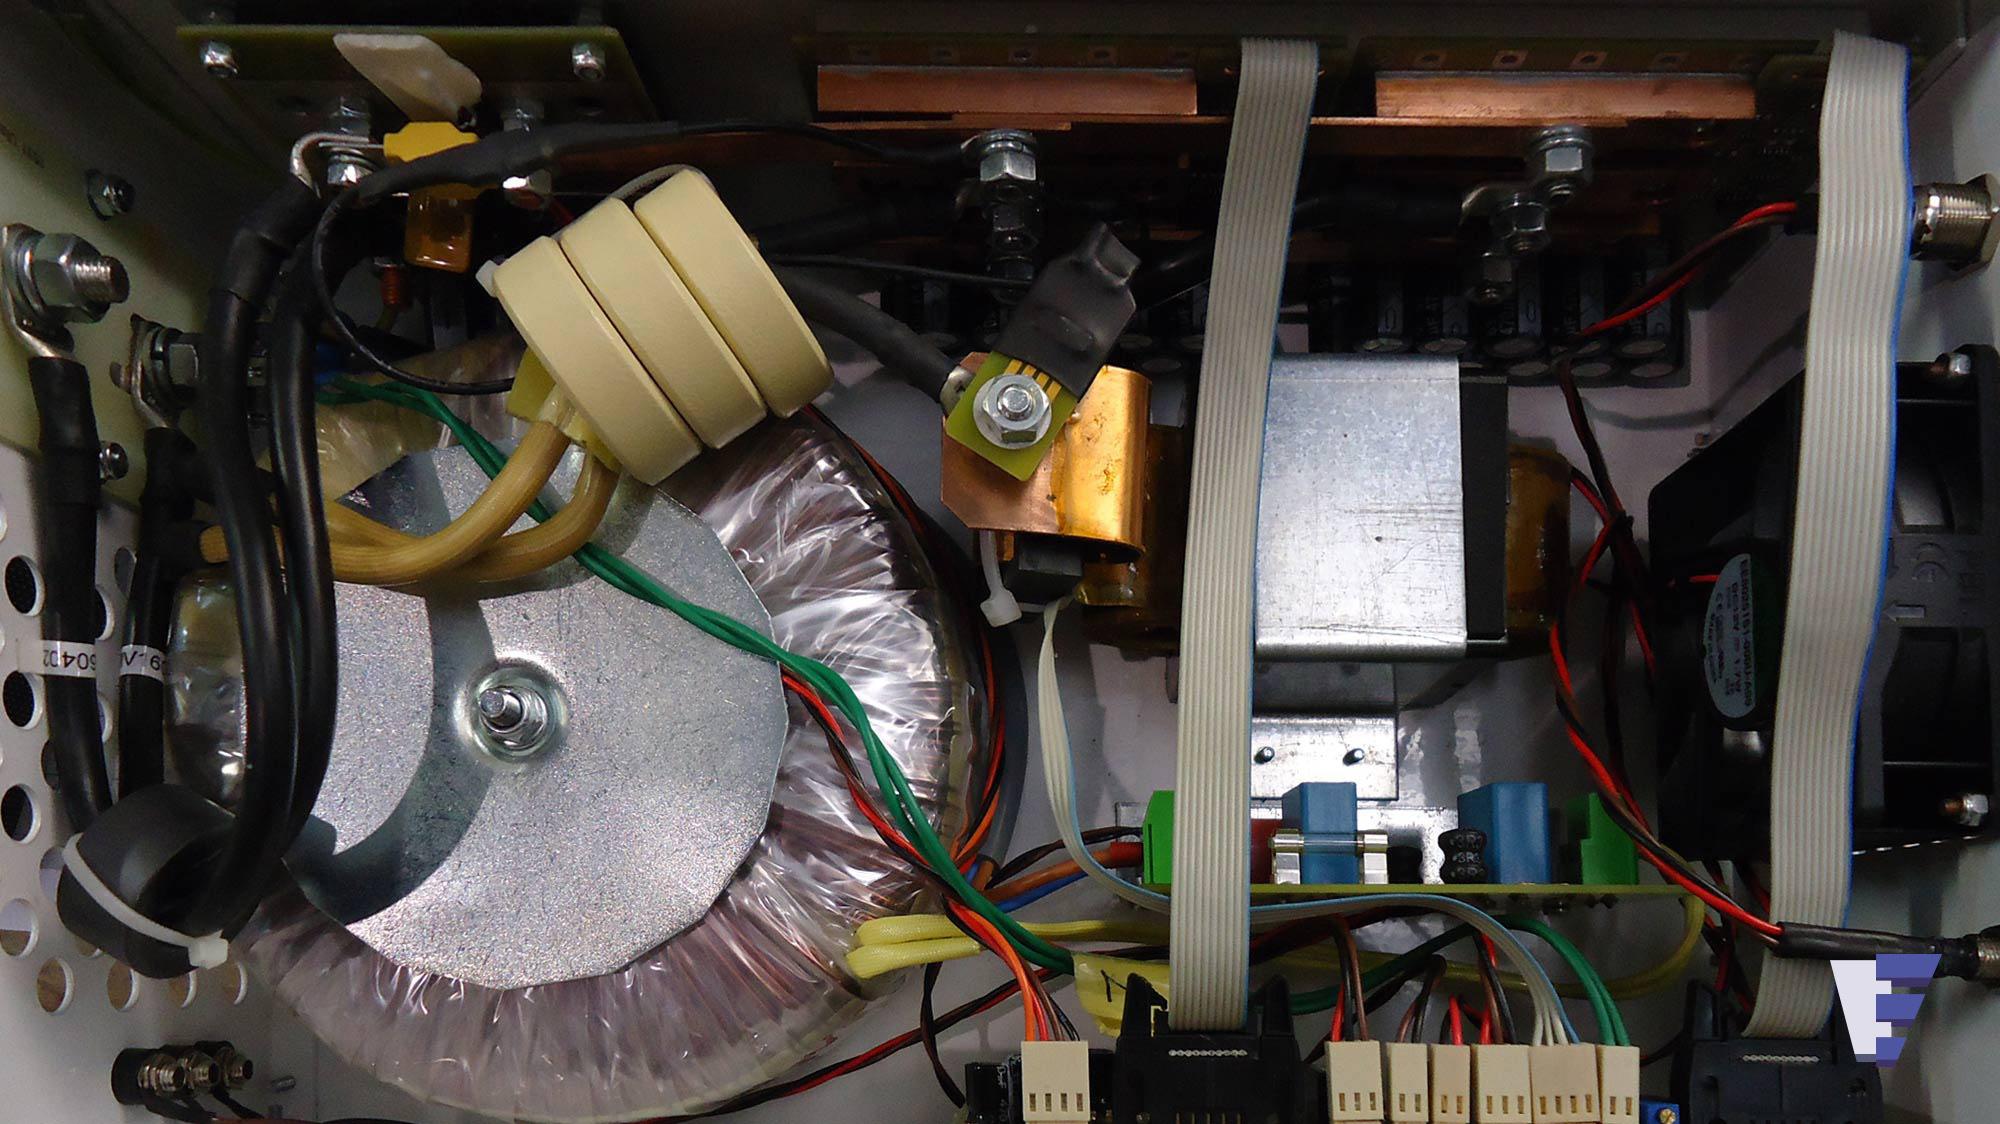 Invertor Velcic d.o.o. - zaštita elektroničke opreme